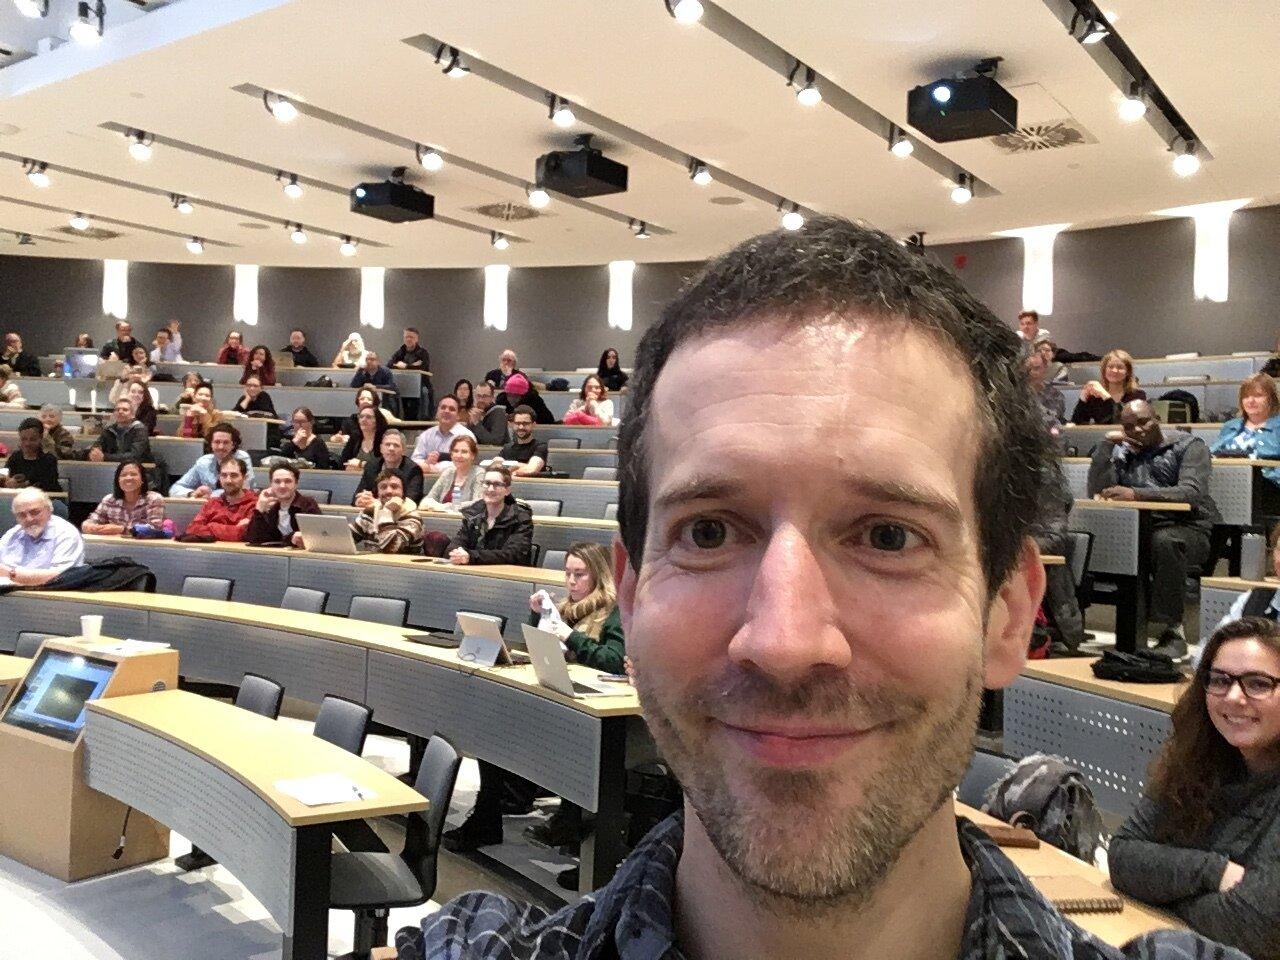 À l'Université Laval en février 2019. La salle aurait probablement été pleine si nous n'avions pas eu quelques imprévus avec le site d'inscription et avec le local.